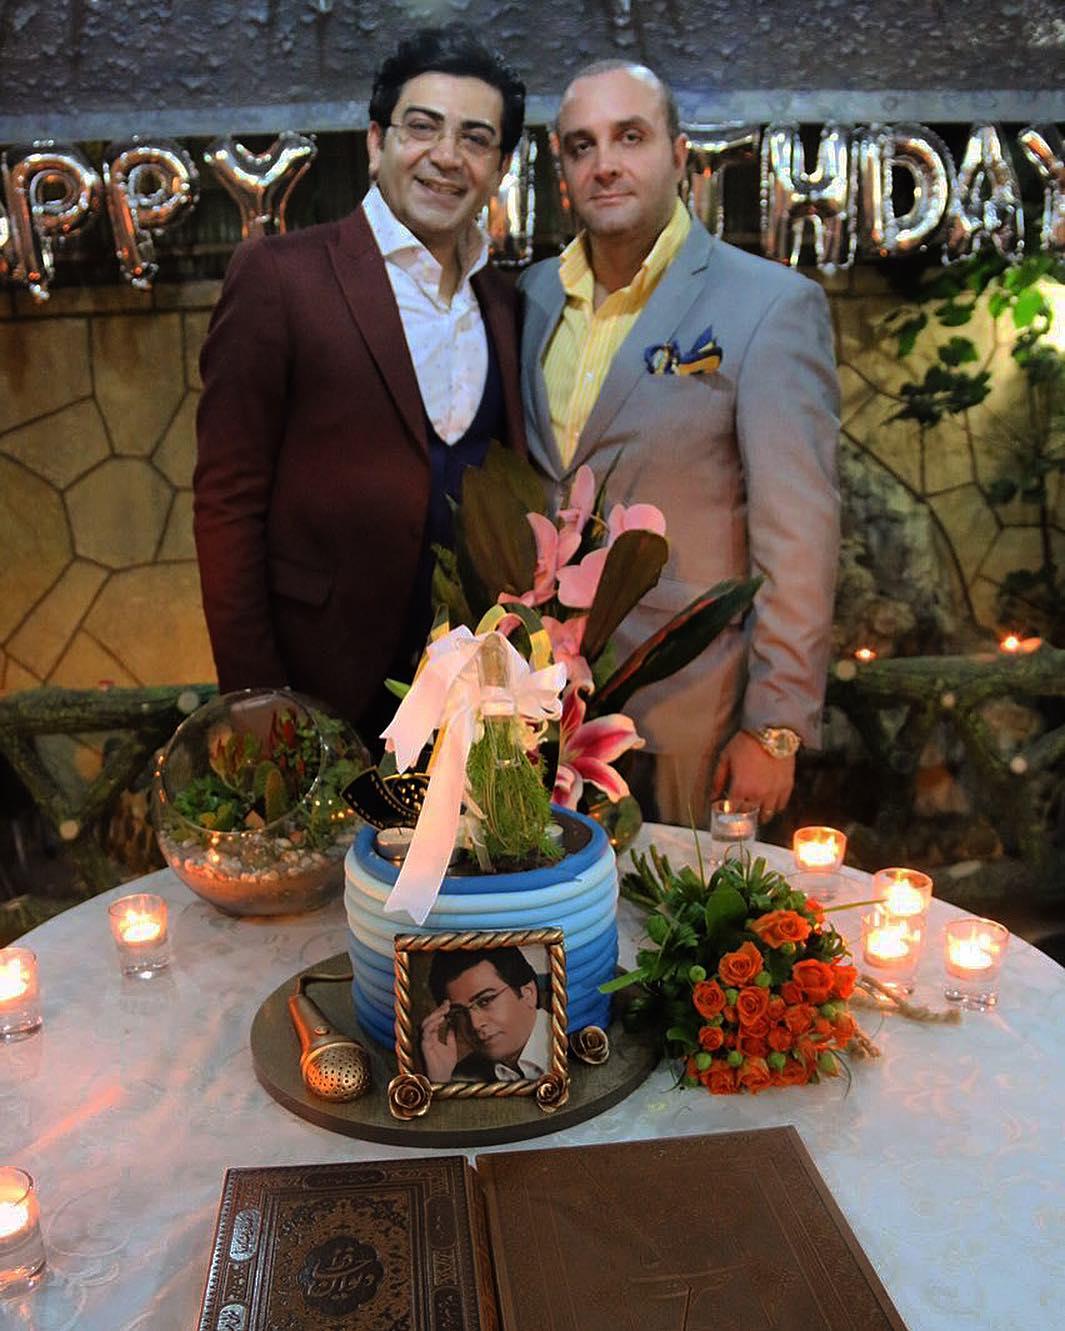 حضور خواننده معروف در جشن تولد فرزاد حسنی